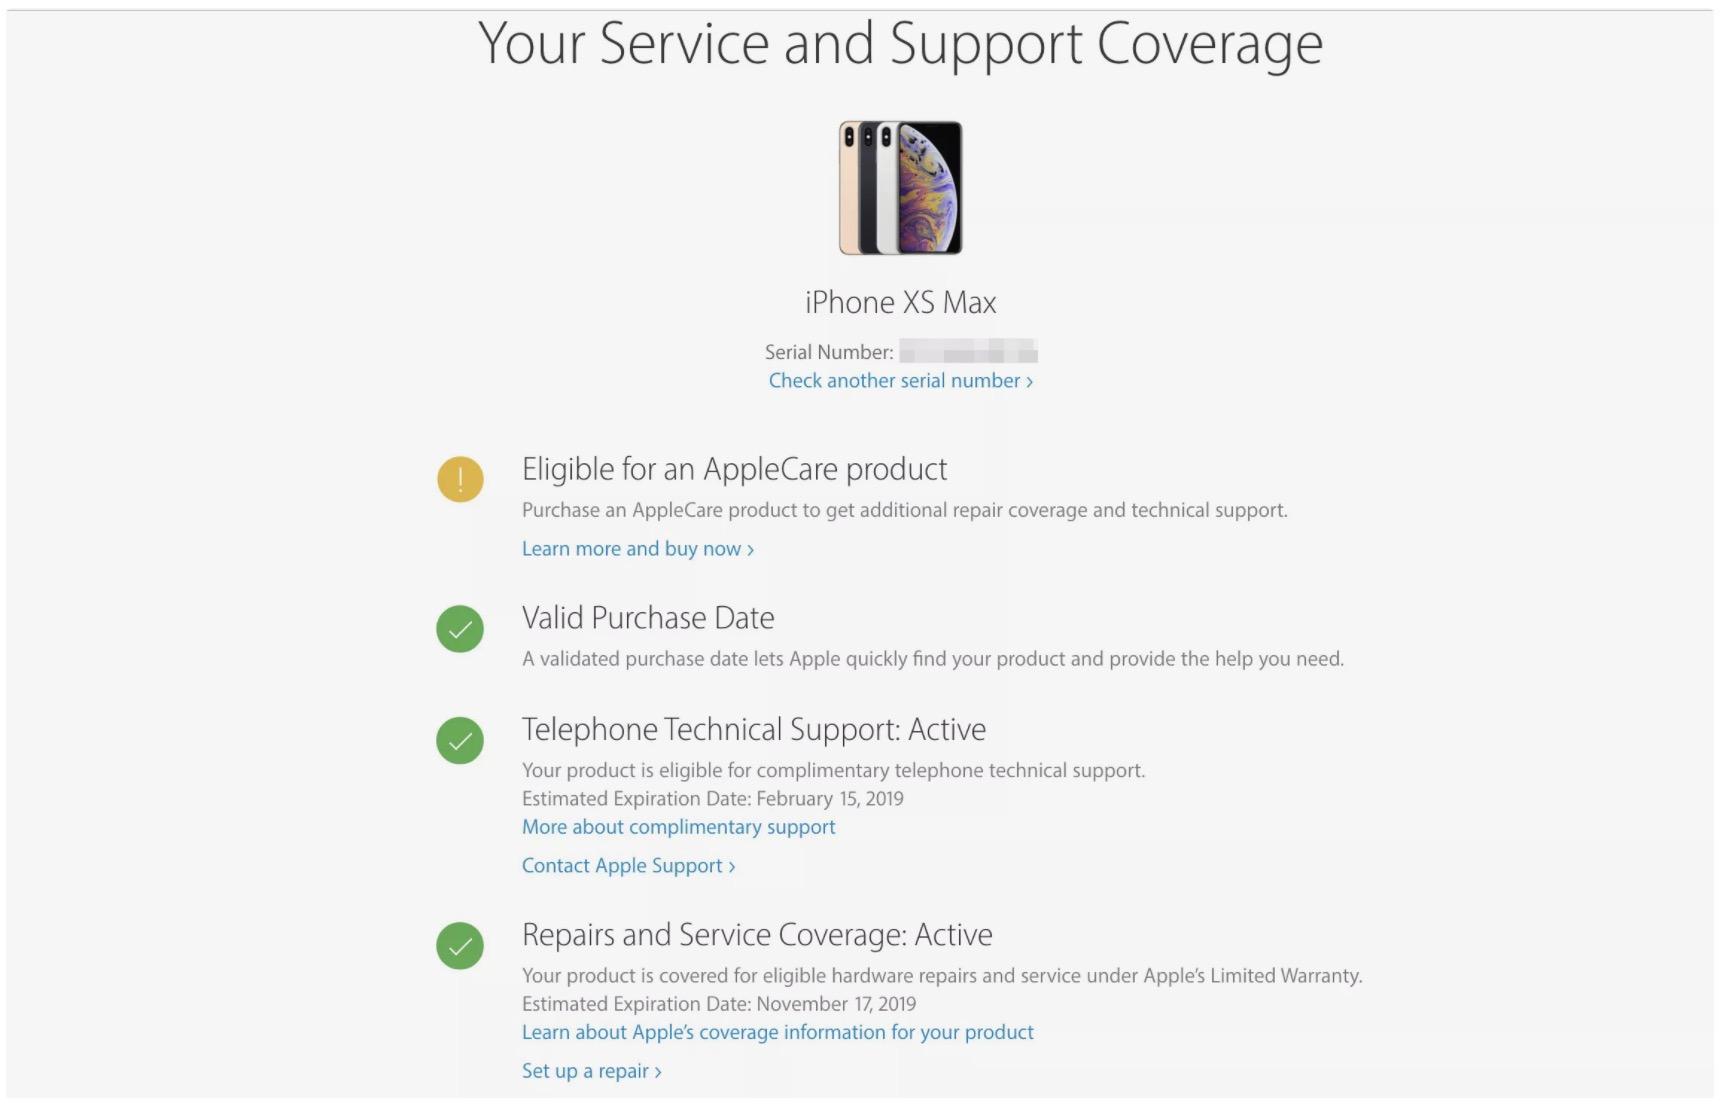 iphone servis ve destek kapsamı sorgulama